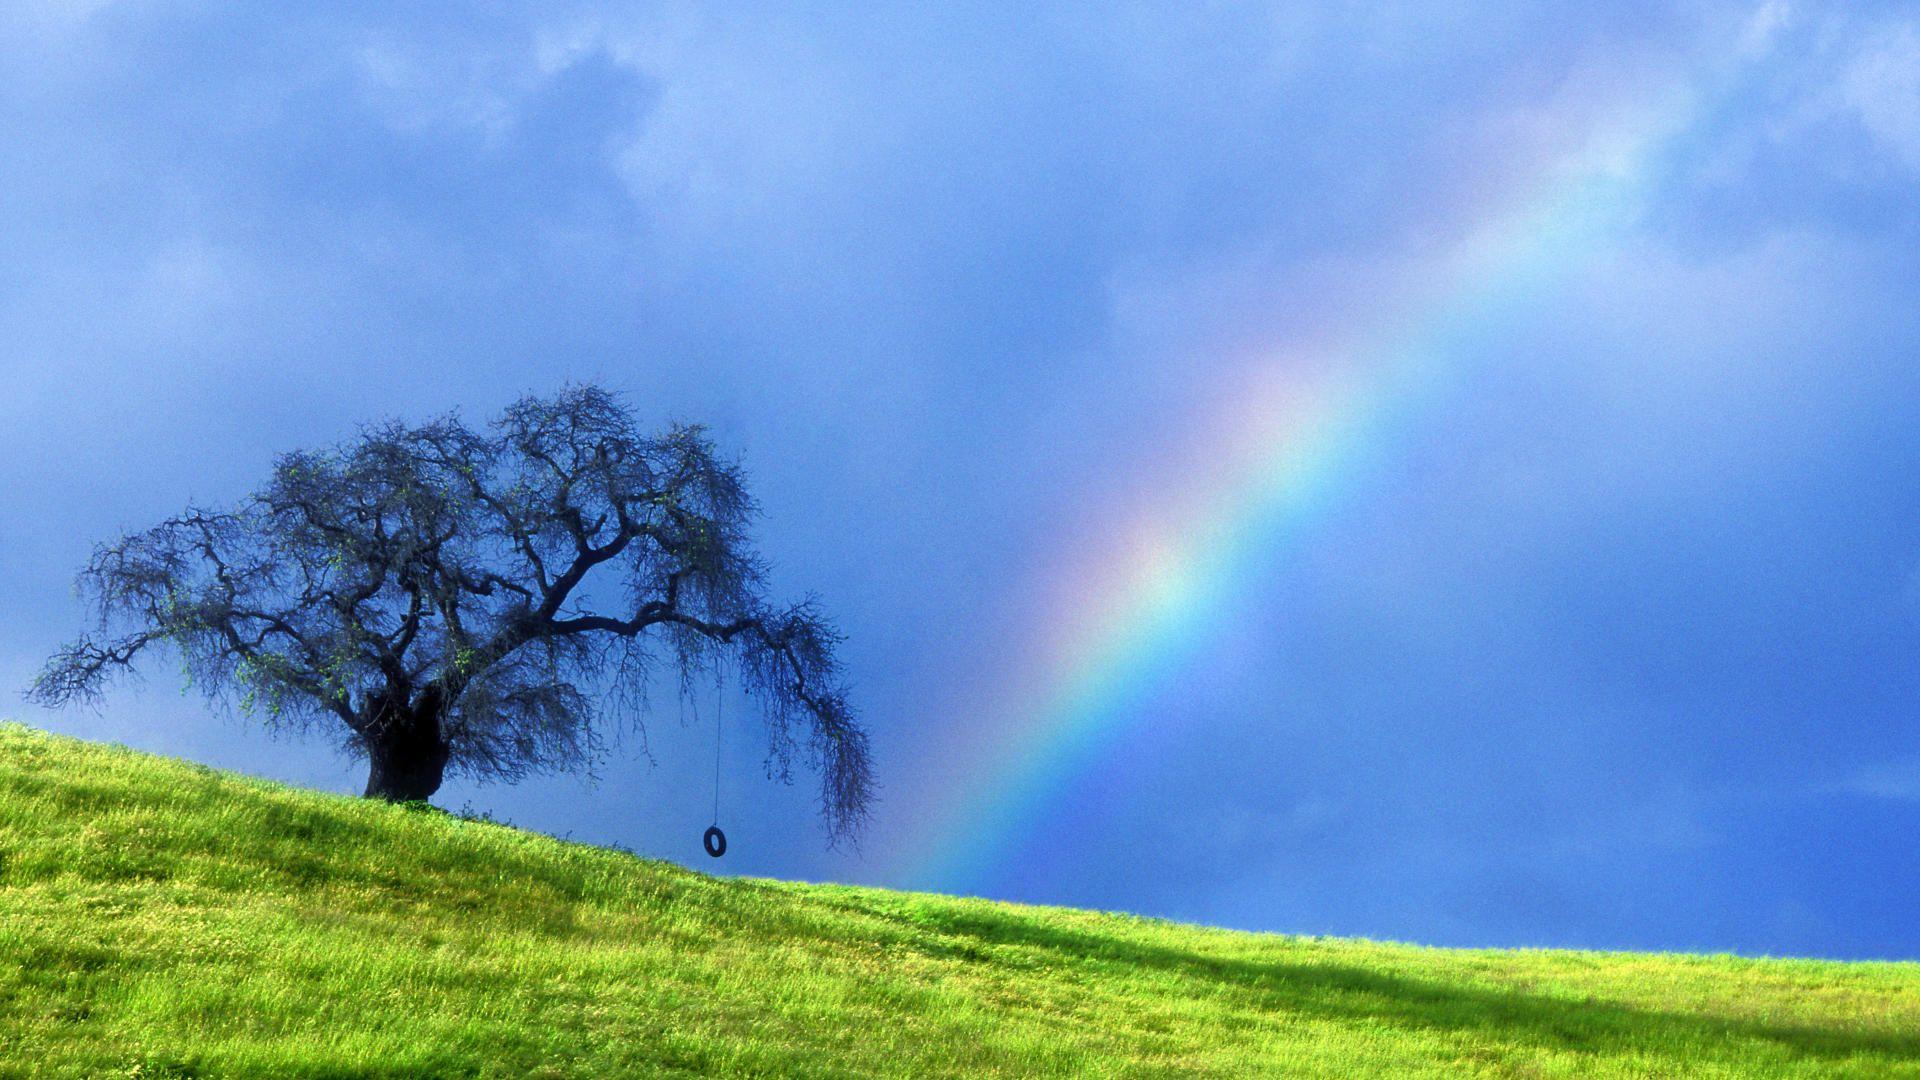 30 Beautiful Rainbows And Lightnings Full Hd Wallpapers Rainbow Wallpaper Beautiful Rainbow Nature Wallpaper